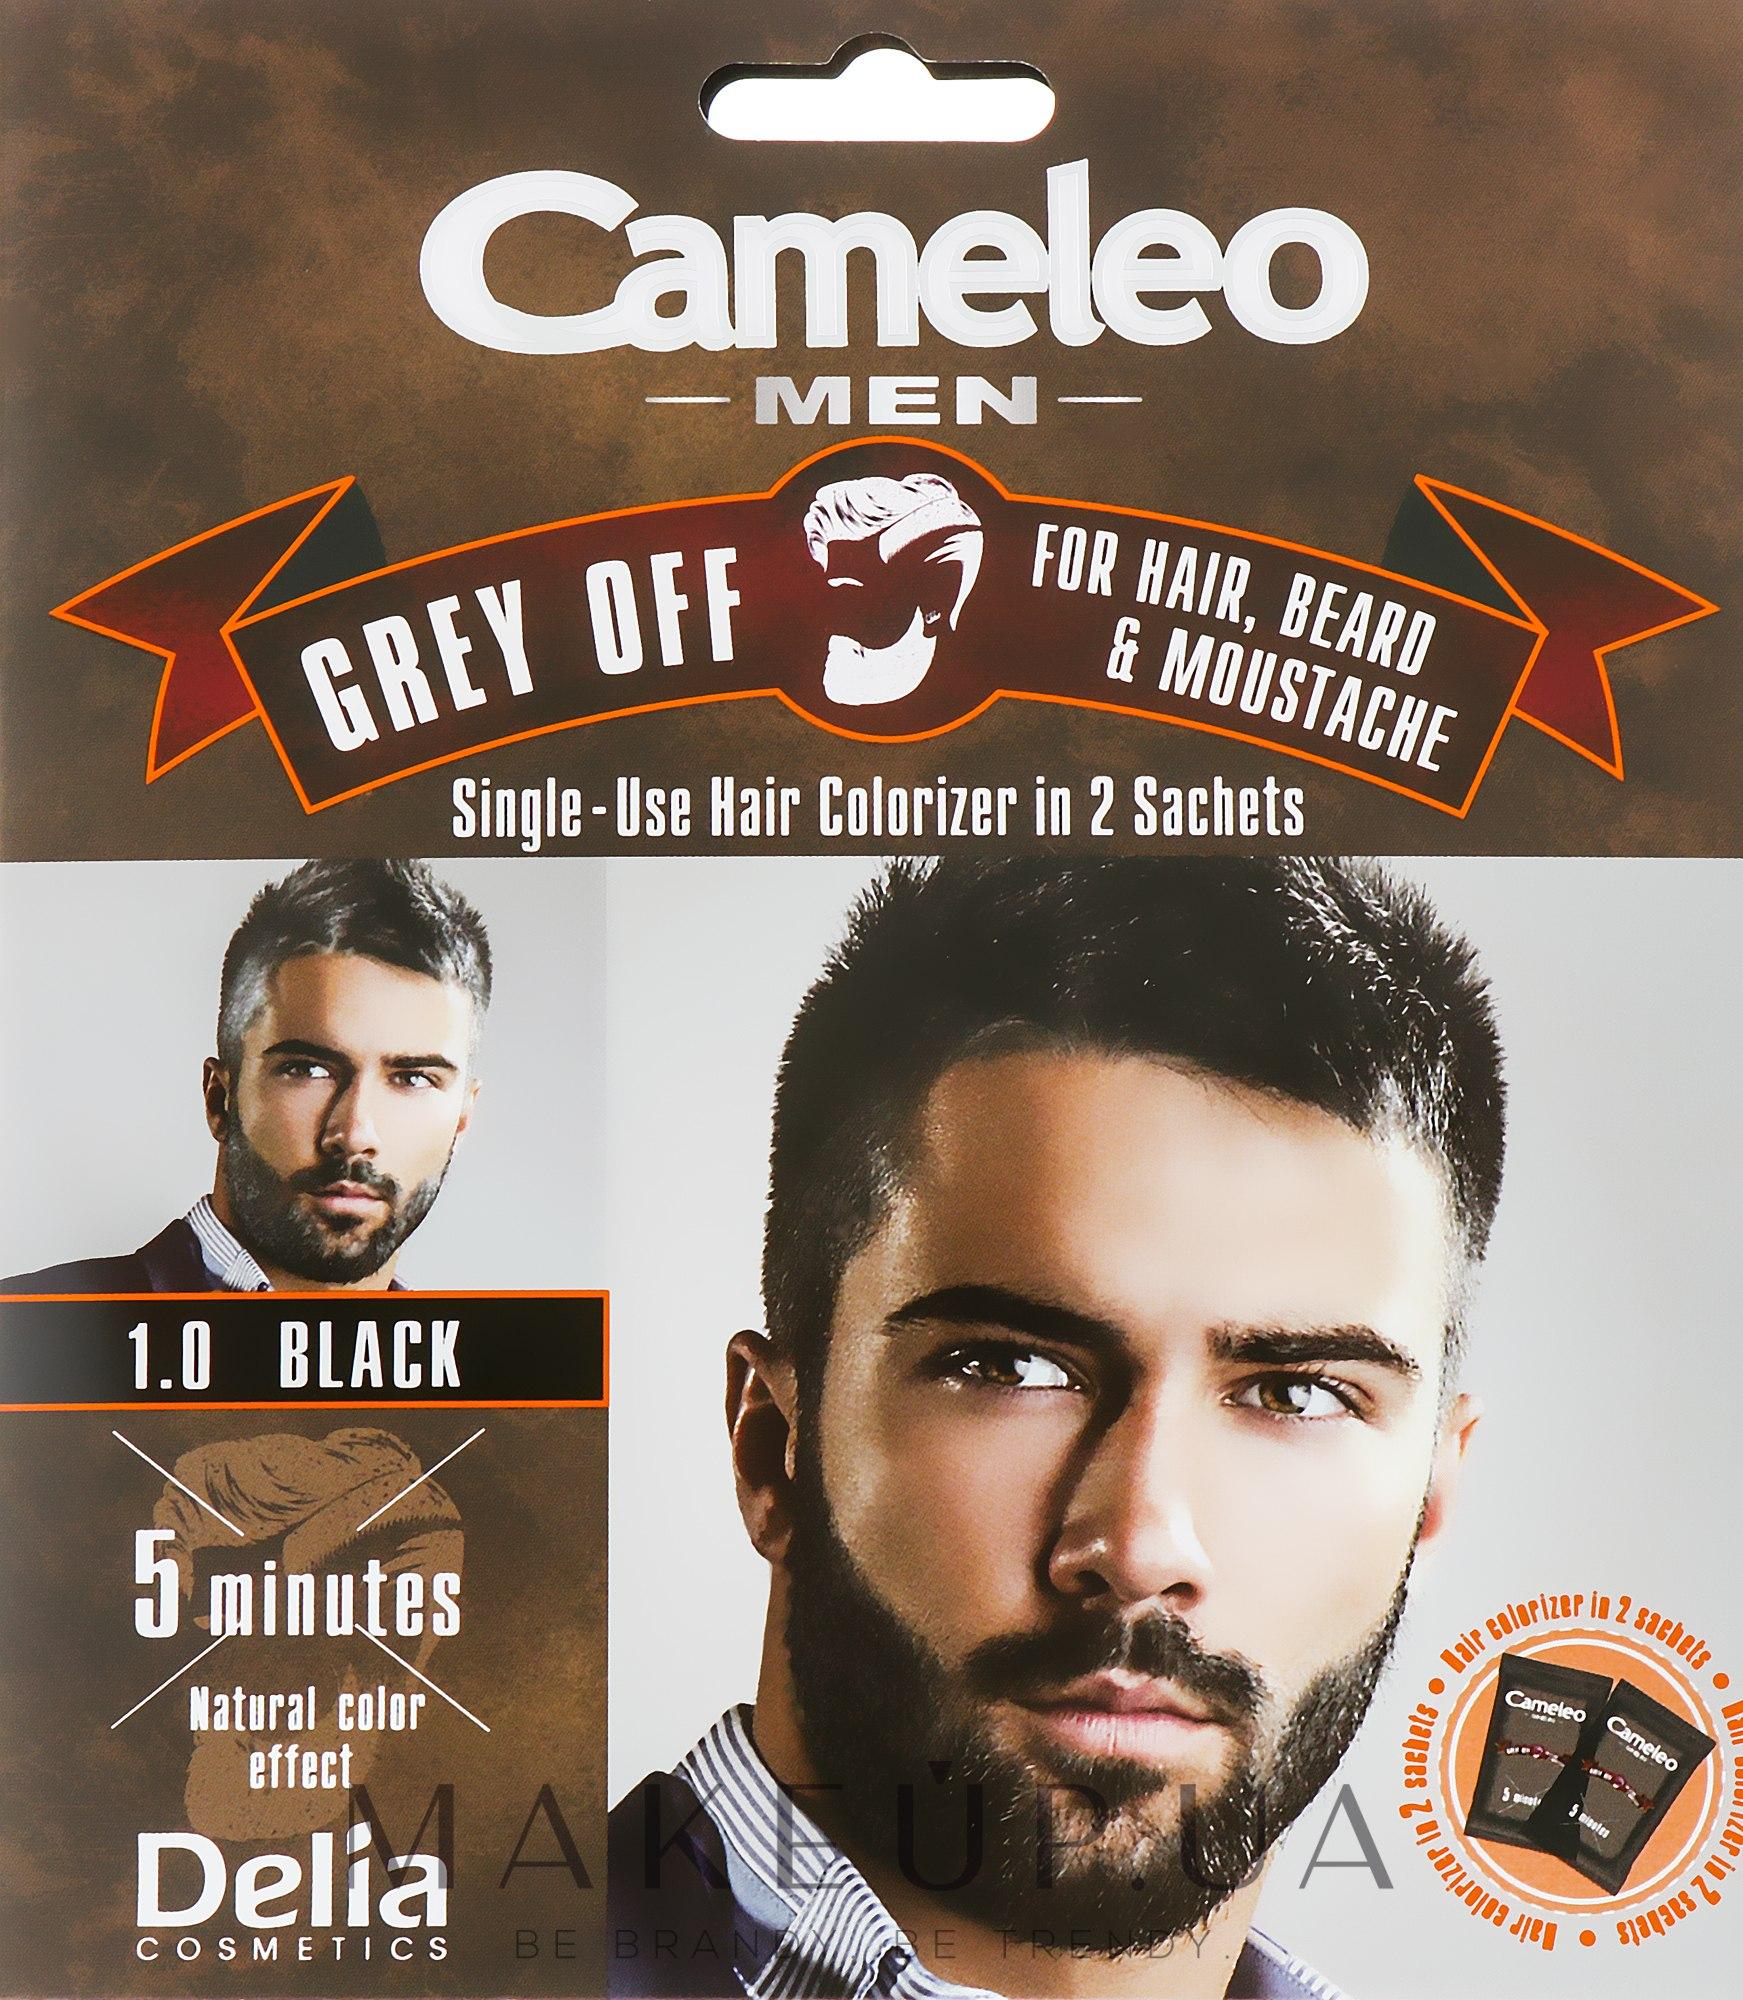 Мужская краска для волос, борды и усов - Delia Cameleo Grey Off — фото 1.0 - Black